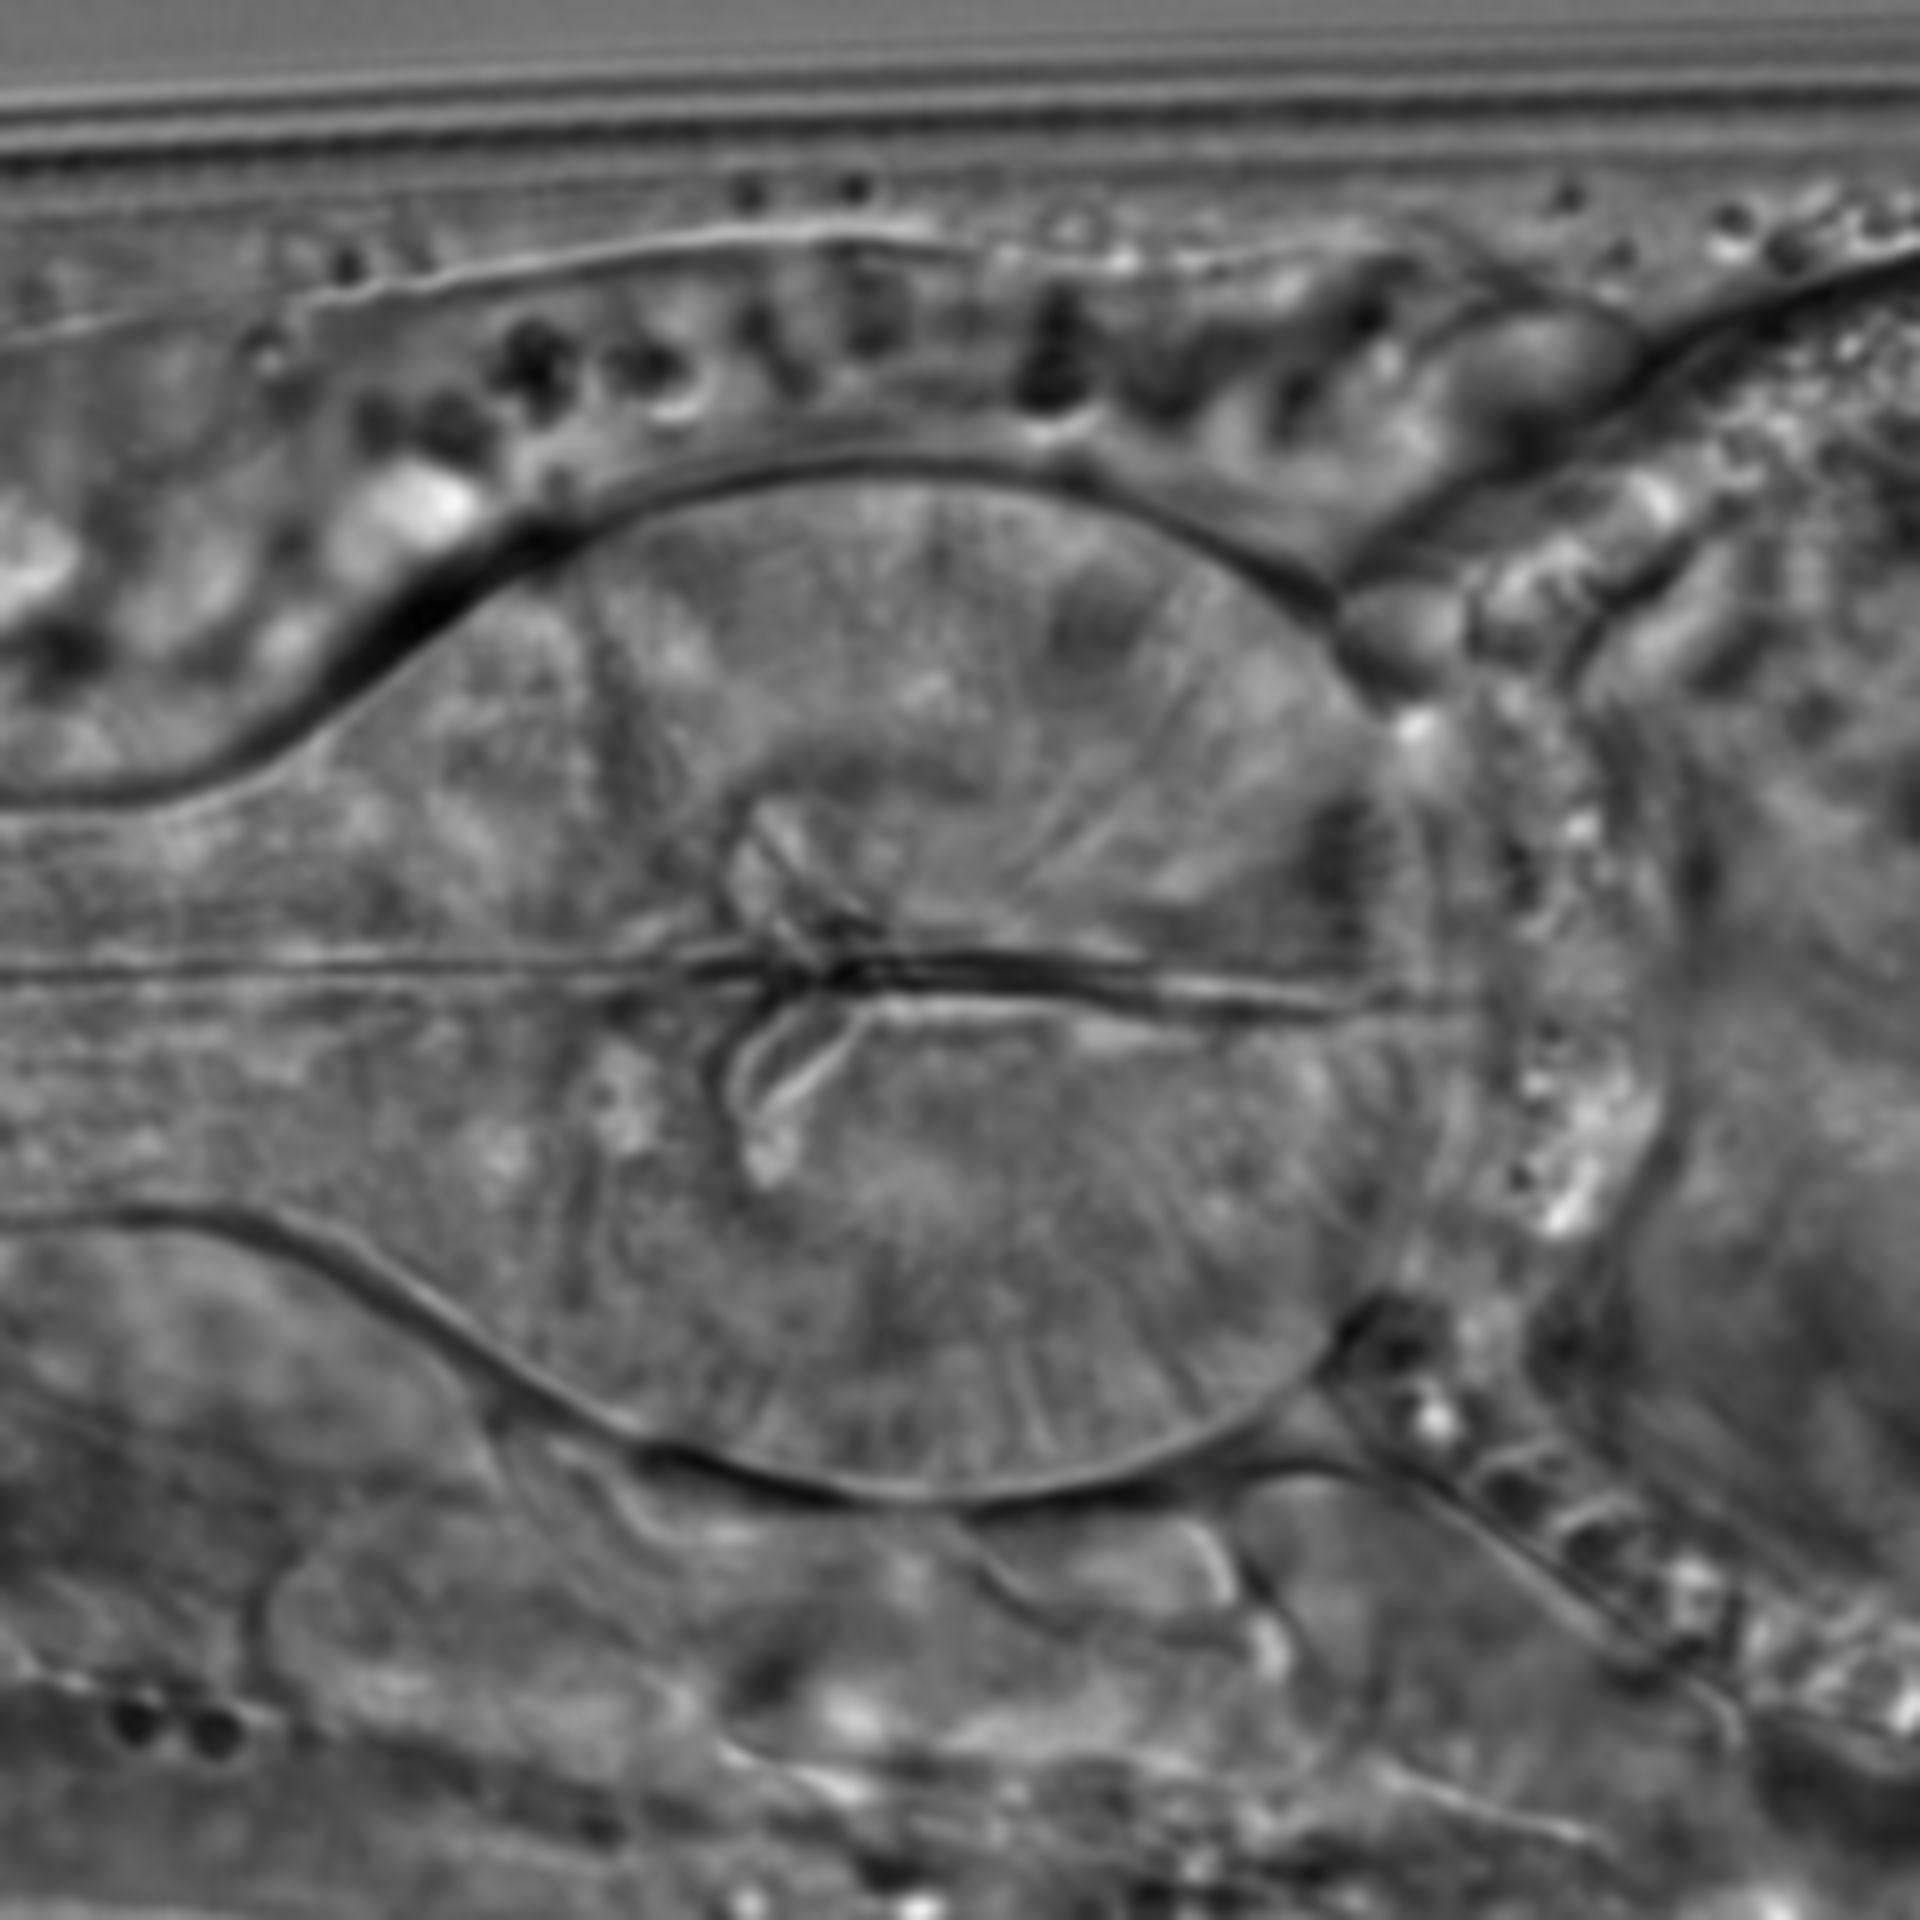 Caenorhabditis elegans - CIL:1608